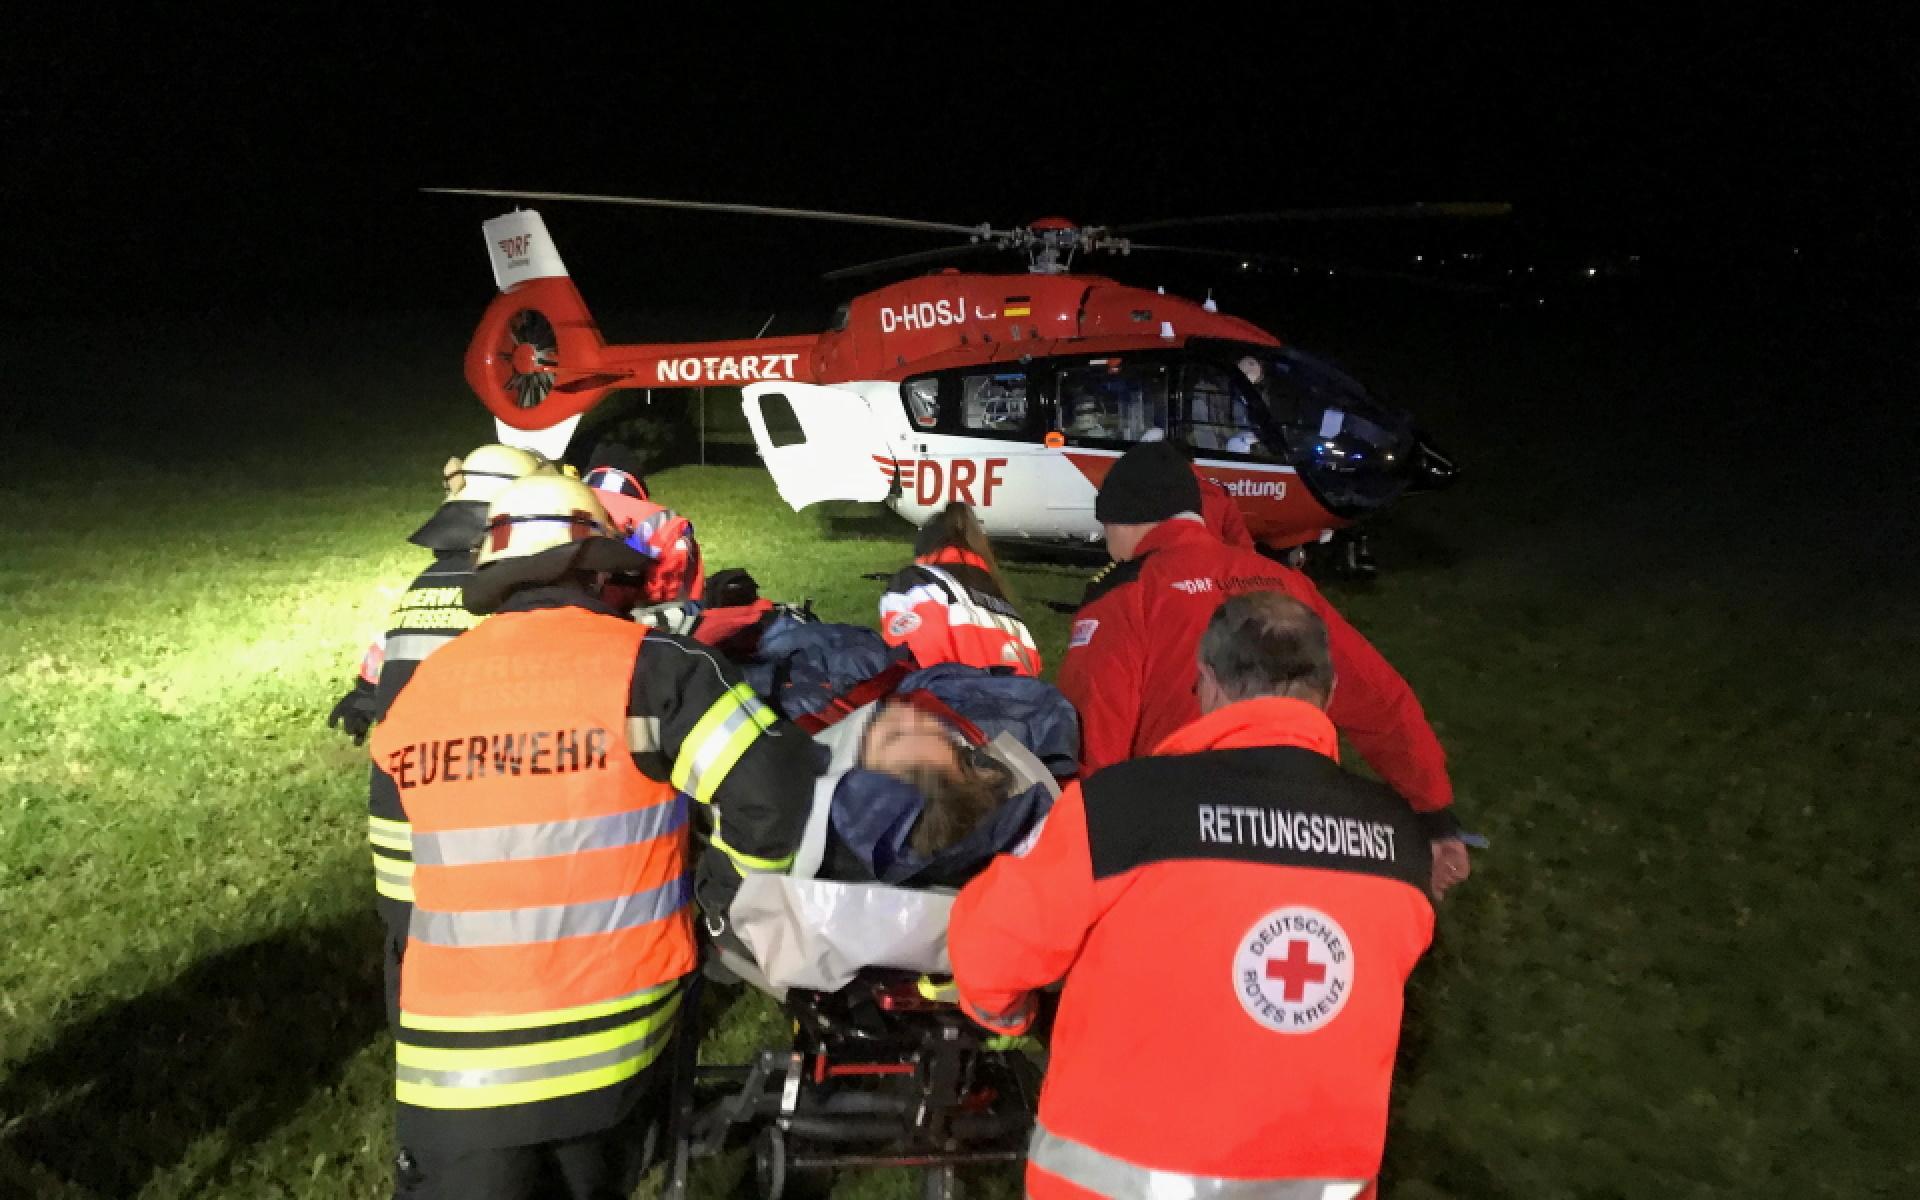 Eine Patientin wird bei Dunkelheit auf einen Intensivtransporthubschrauber auf einer Liege zugeschoben (Foto: DRF Luftrettung).